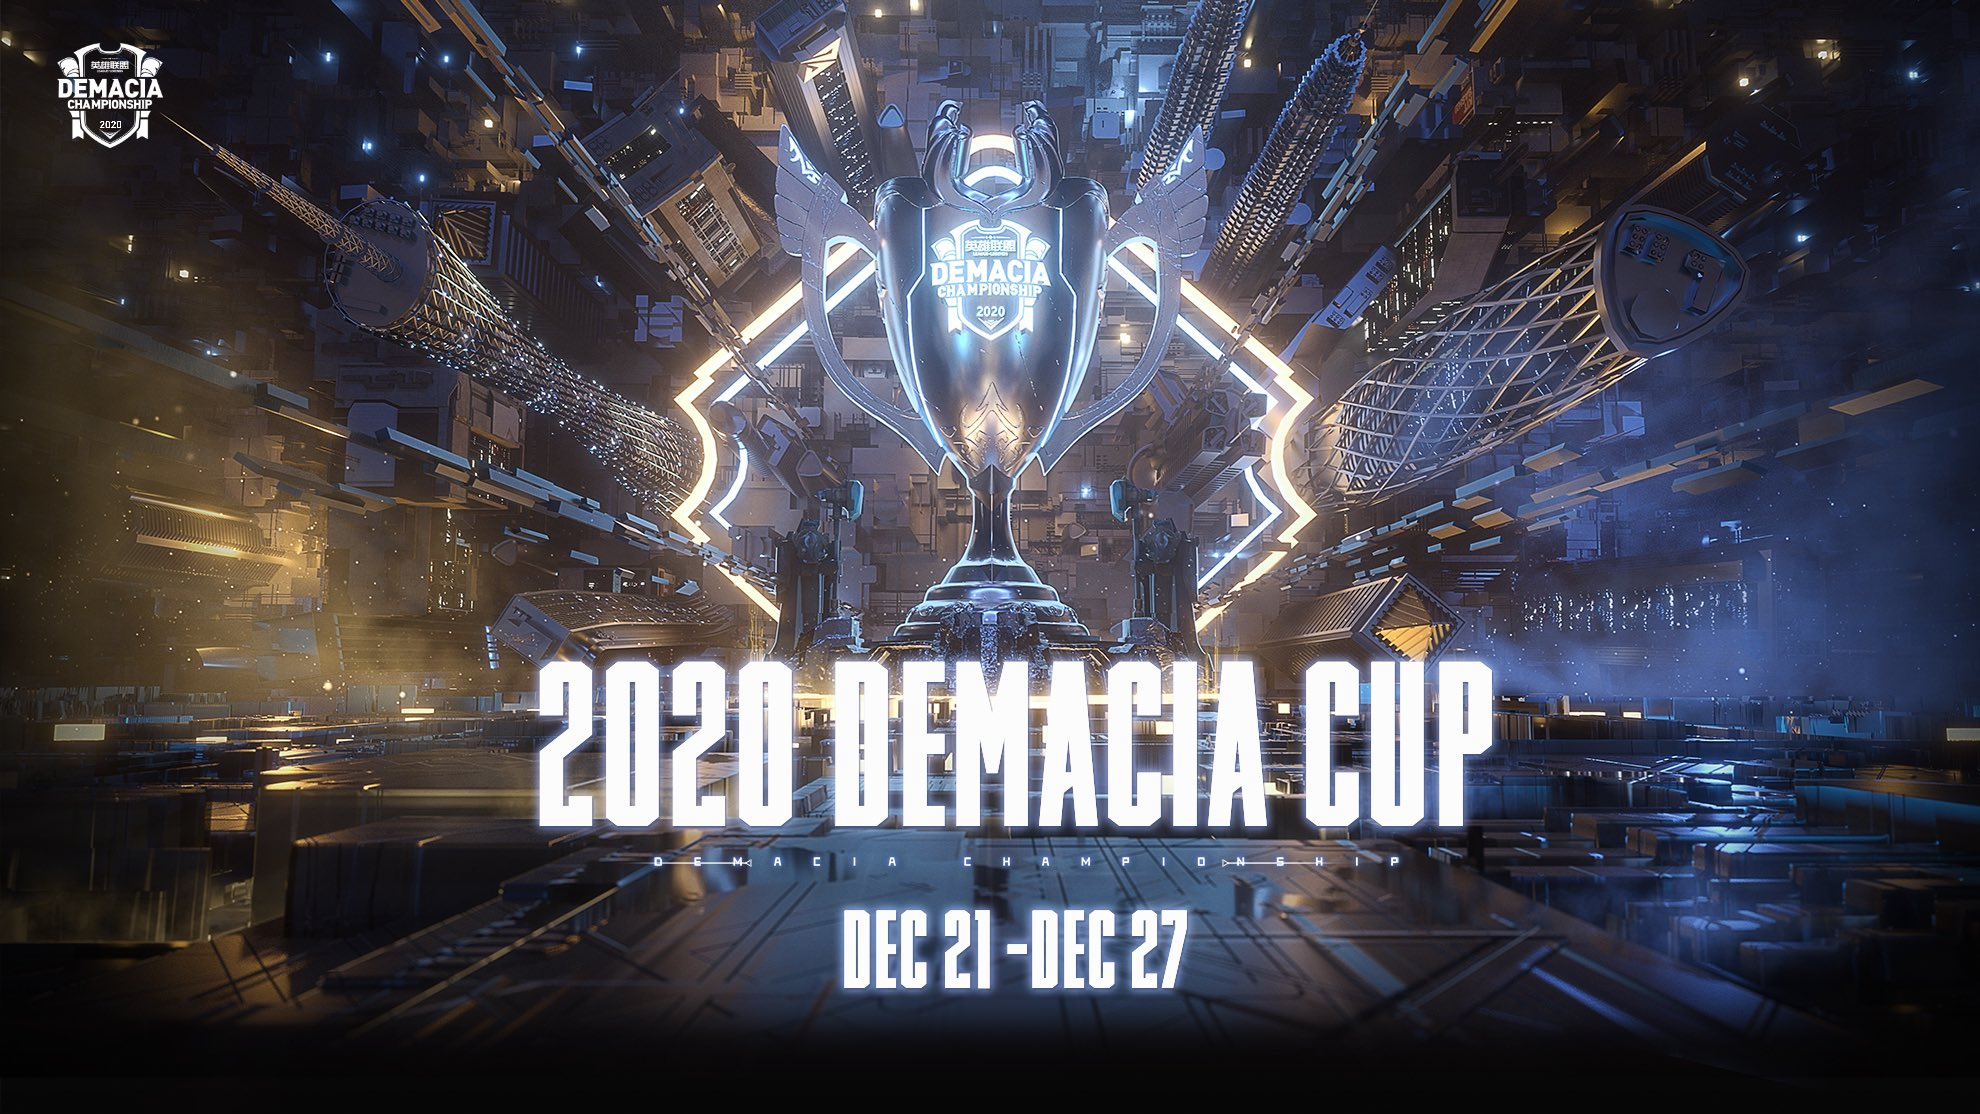 demacia cup 2020